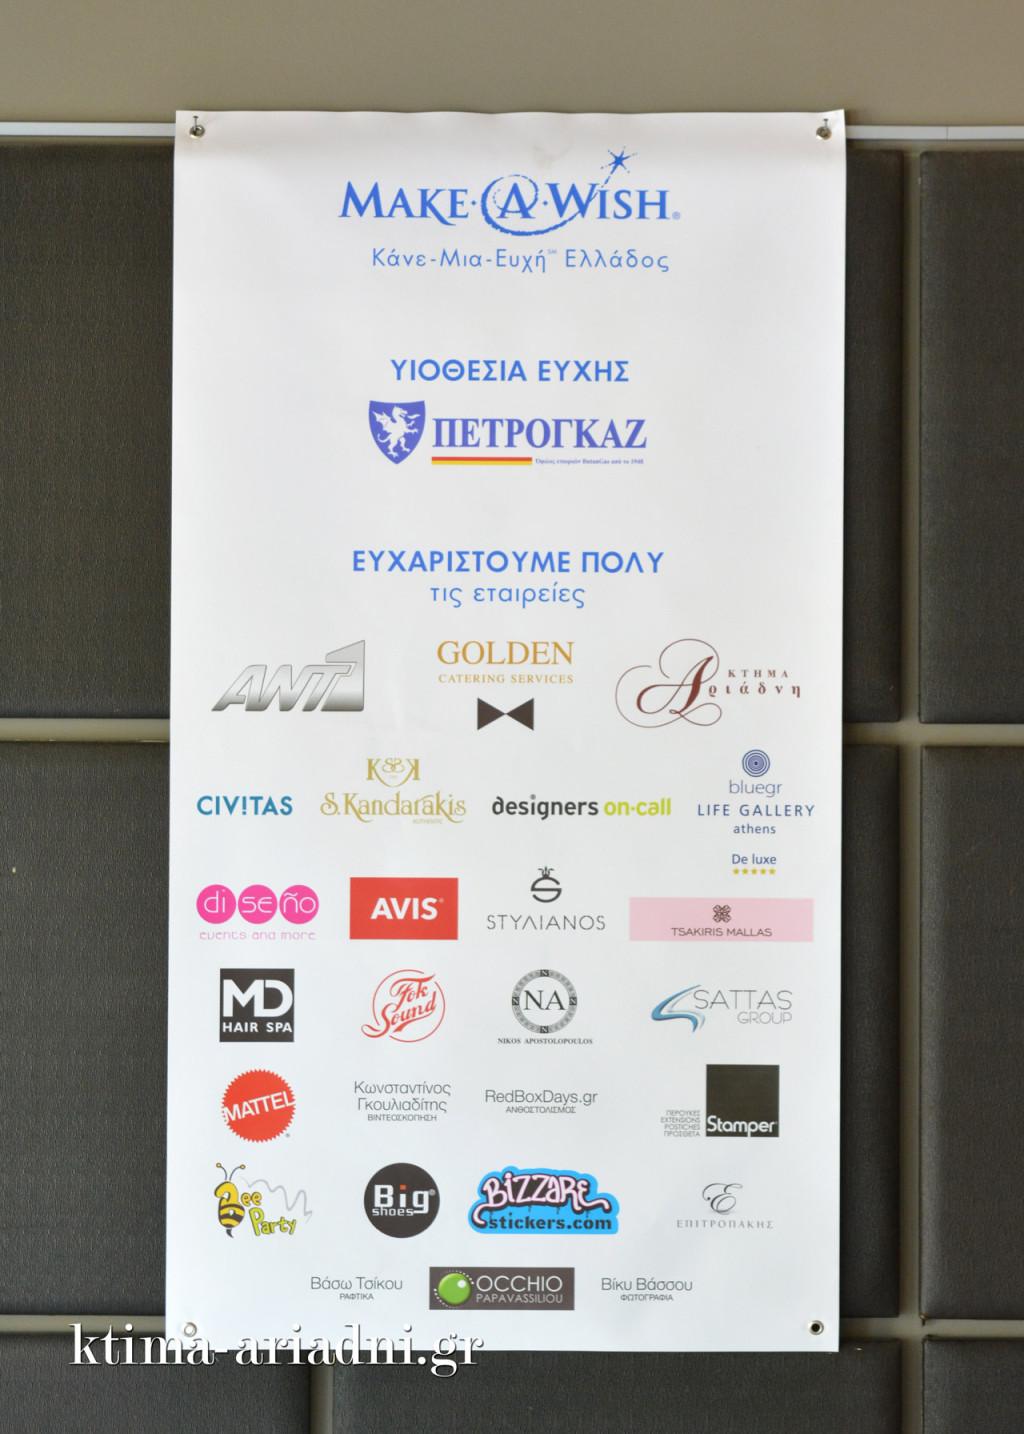 Την υιοθεσία της ευχής ανέλαβε η εταιρεία ΠΕΤΡΟΓΚΑΖ και όλοι οι εθελοντες, οι χορηγοί, οι υποστηρικτές κάναμε το καλύτερο για να είναι η μέρα αυτή αξέχαστη για τη Σπυριδούλα